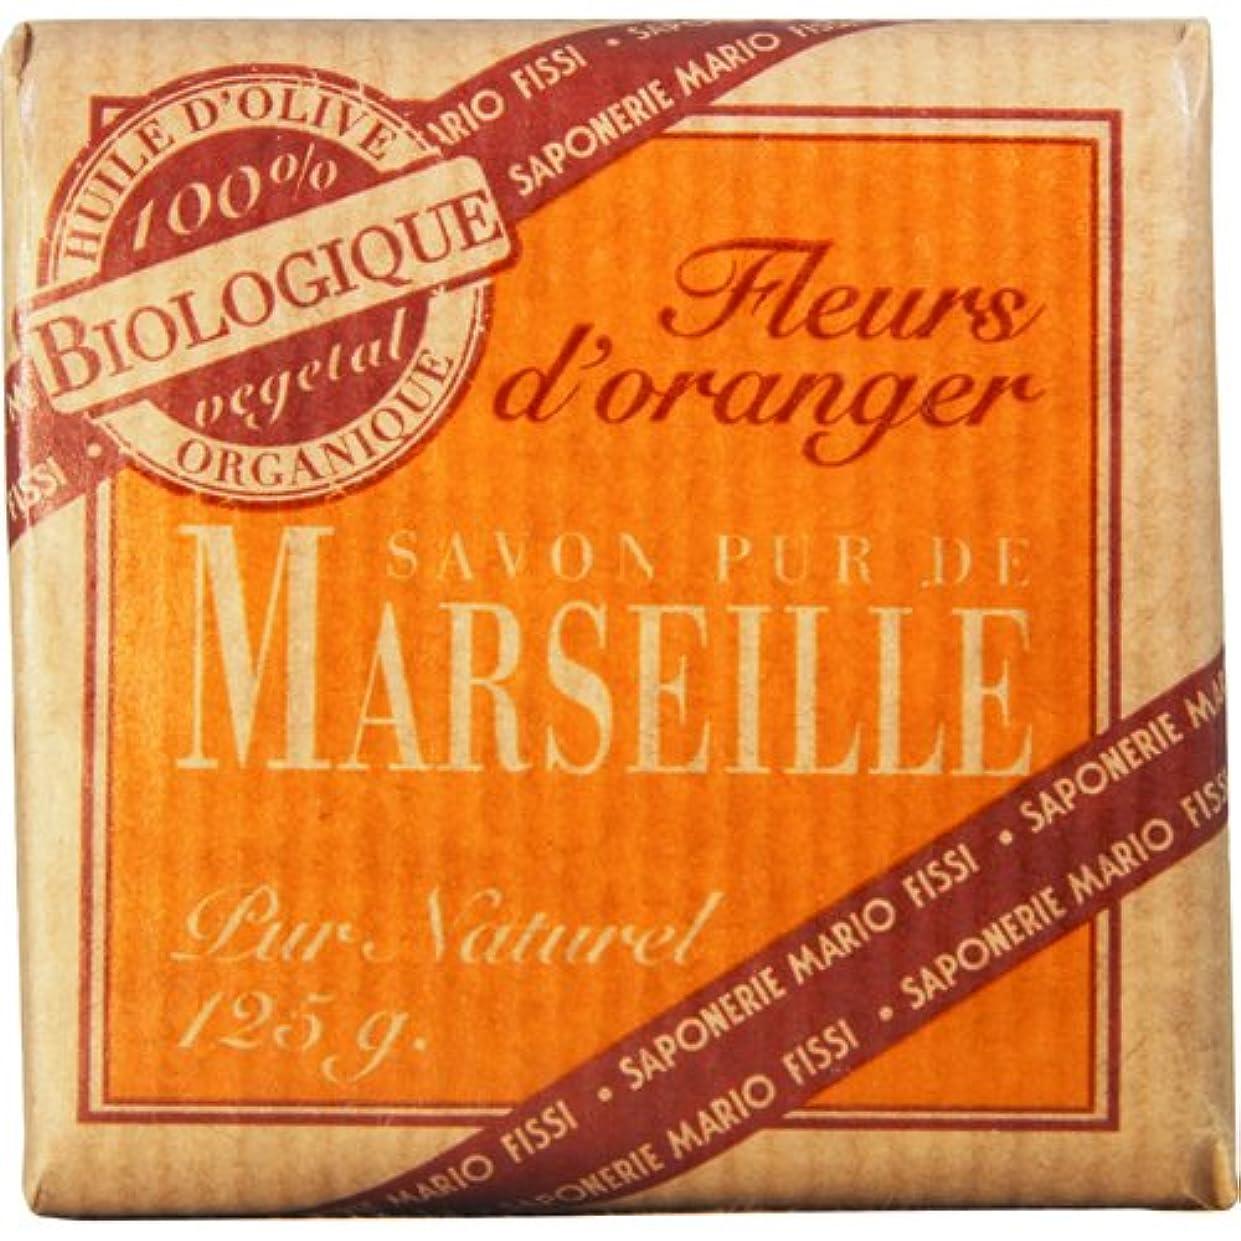 機械的指杖Saponerire Fissi マルセイユシリーズ マルセイユソープ 125g Orange Flower オレンジフラワー